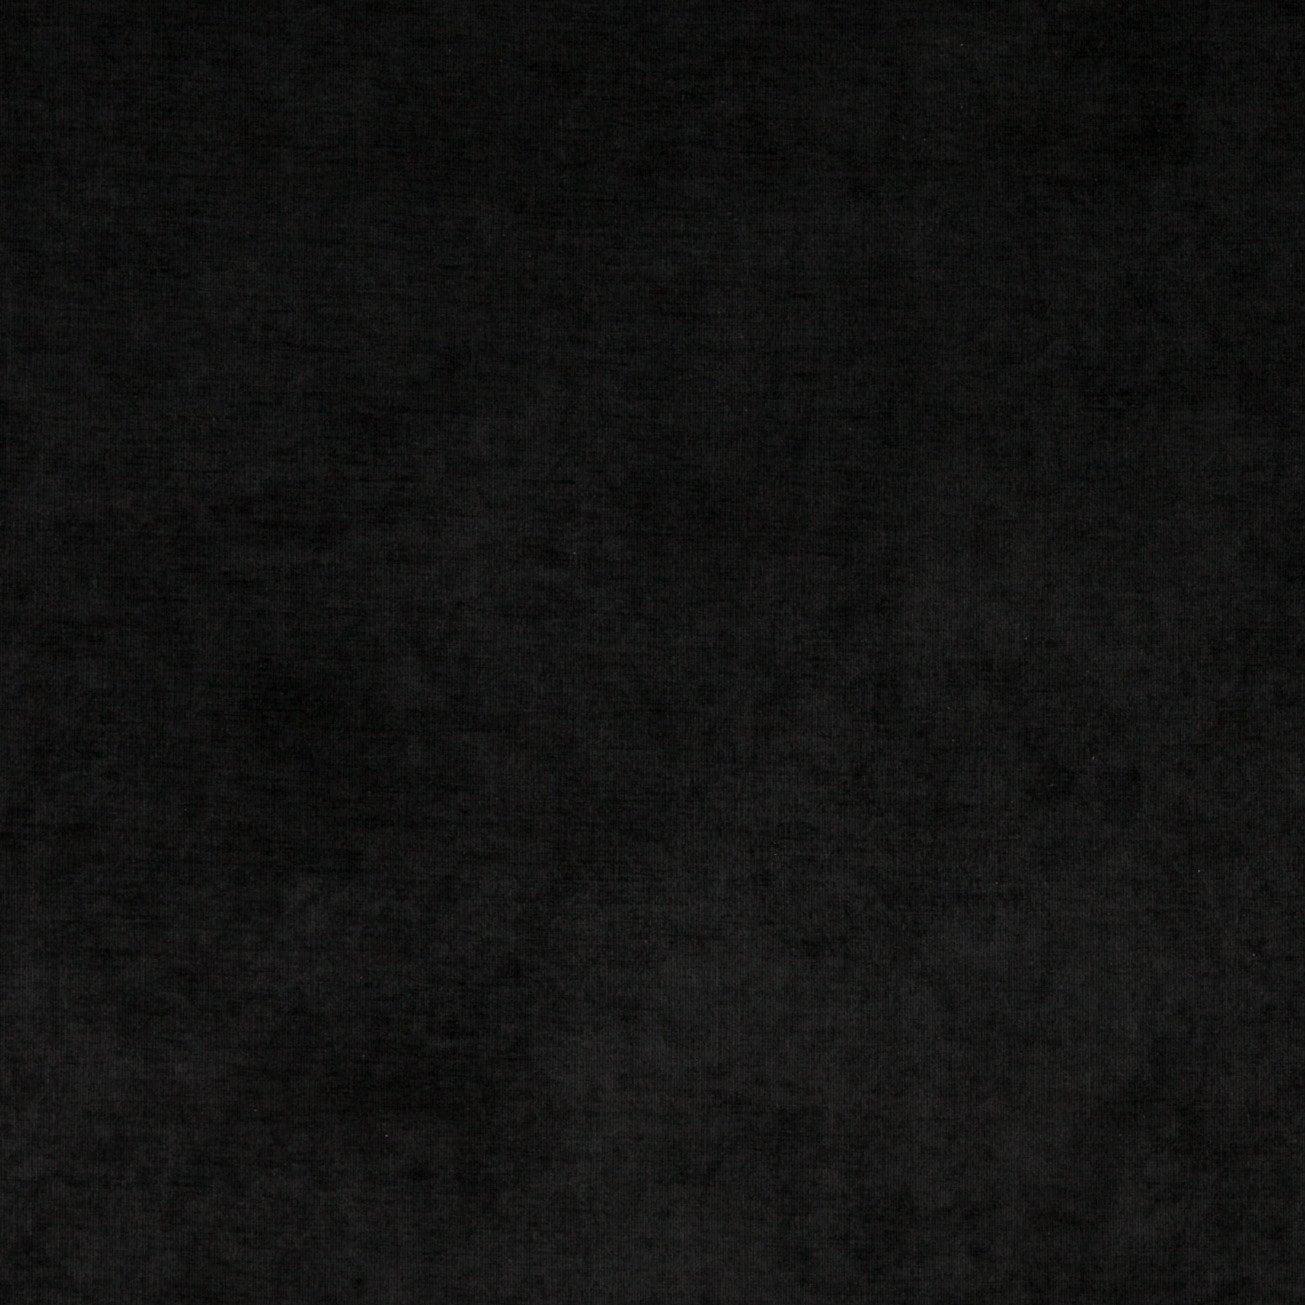 black velvet fabric - photo #12